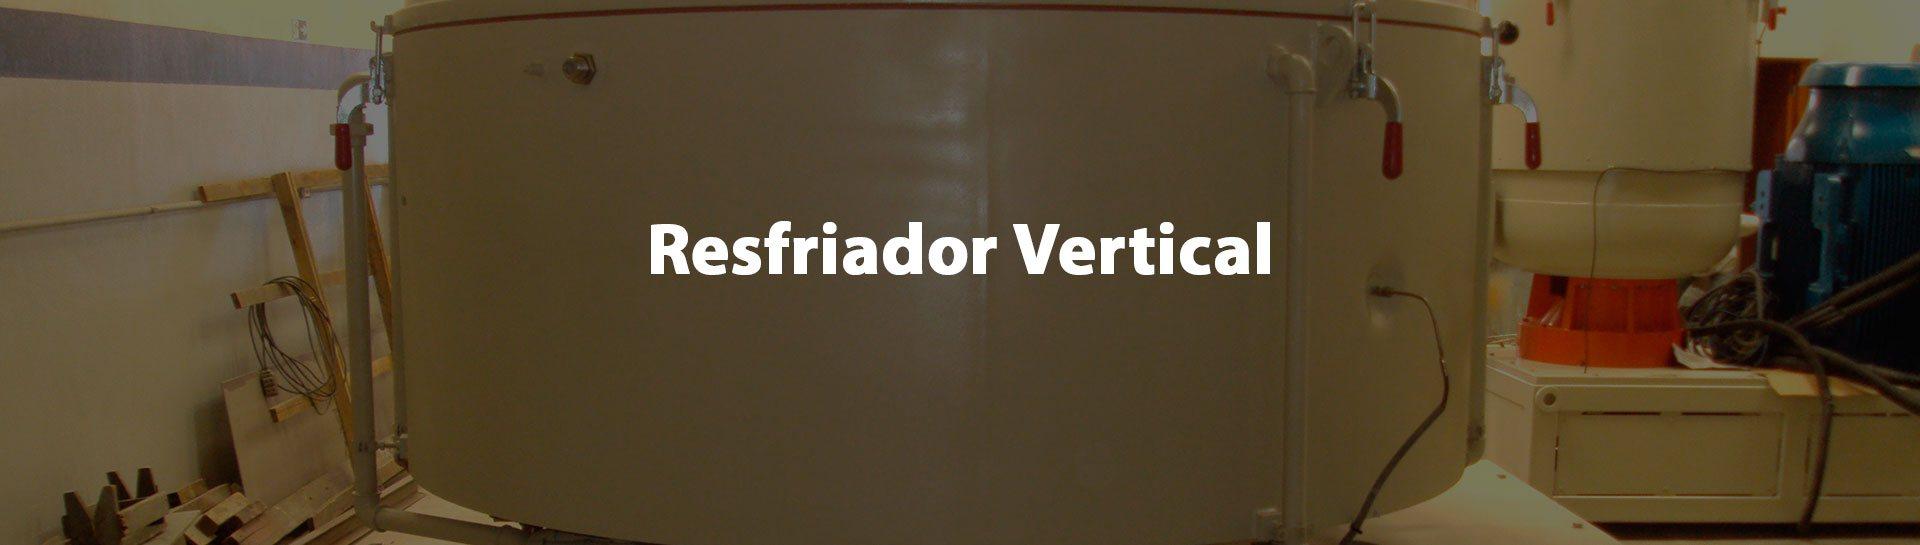 Resfriador vertical